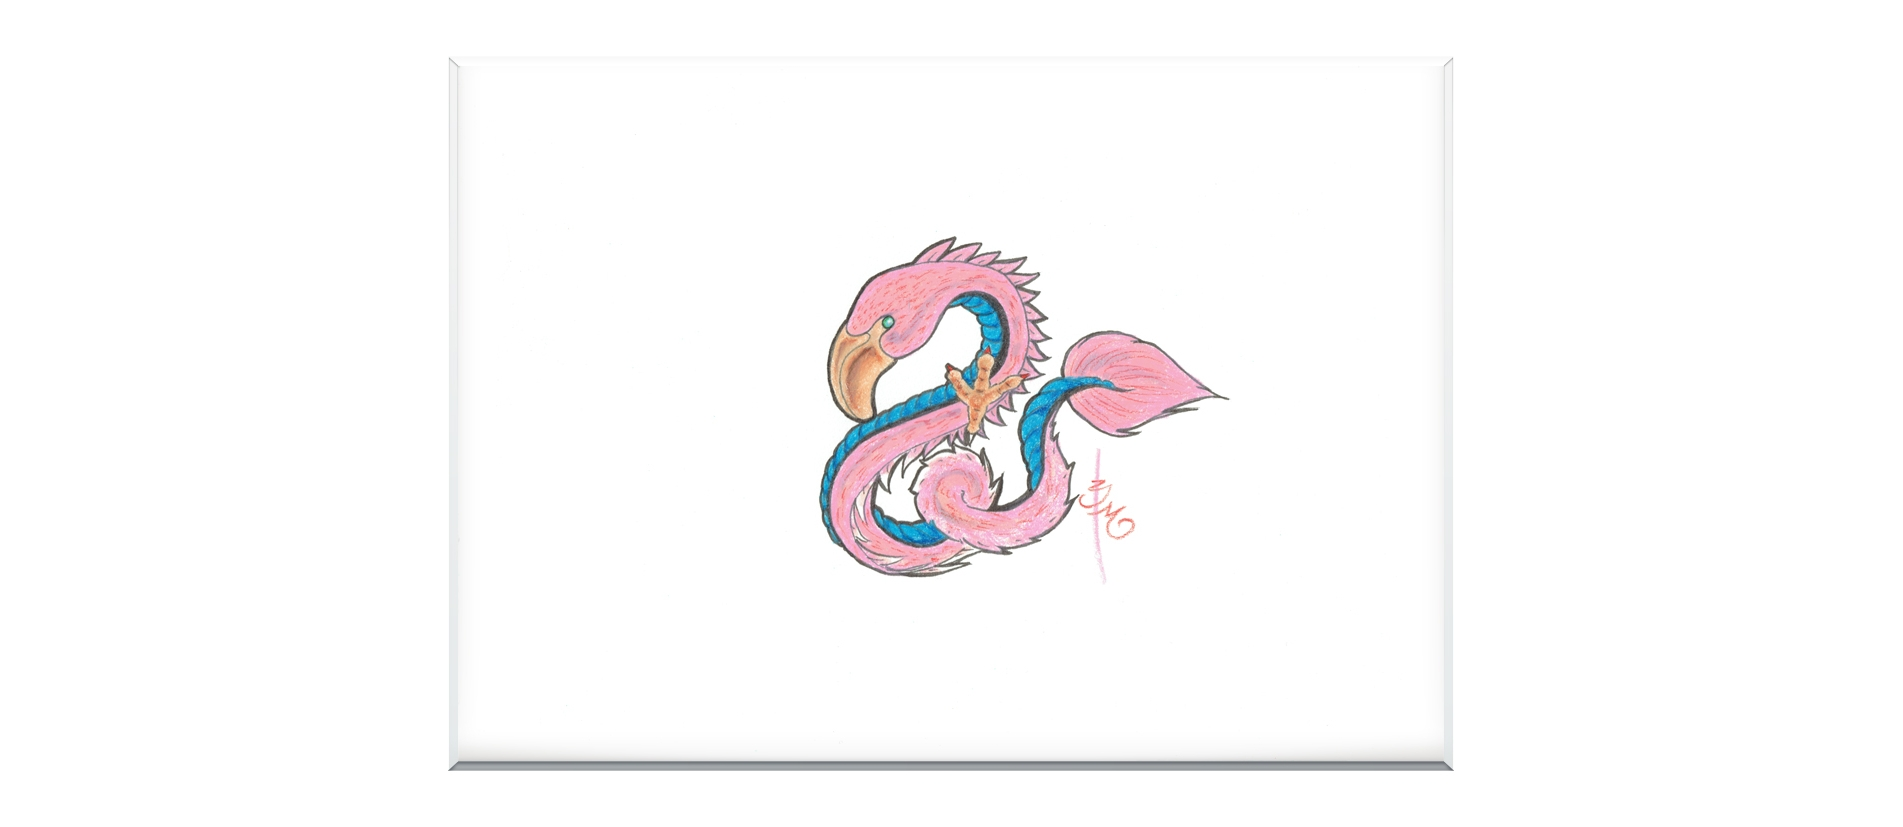 Dragon Flamingo - Twilight Zone - Bono Mourits